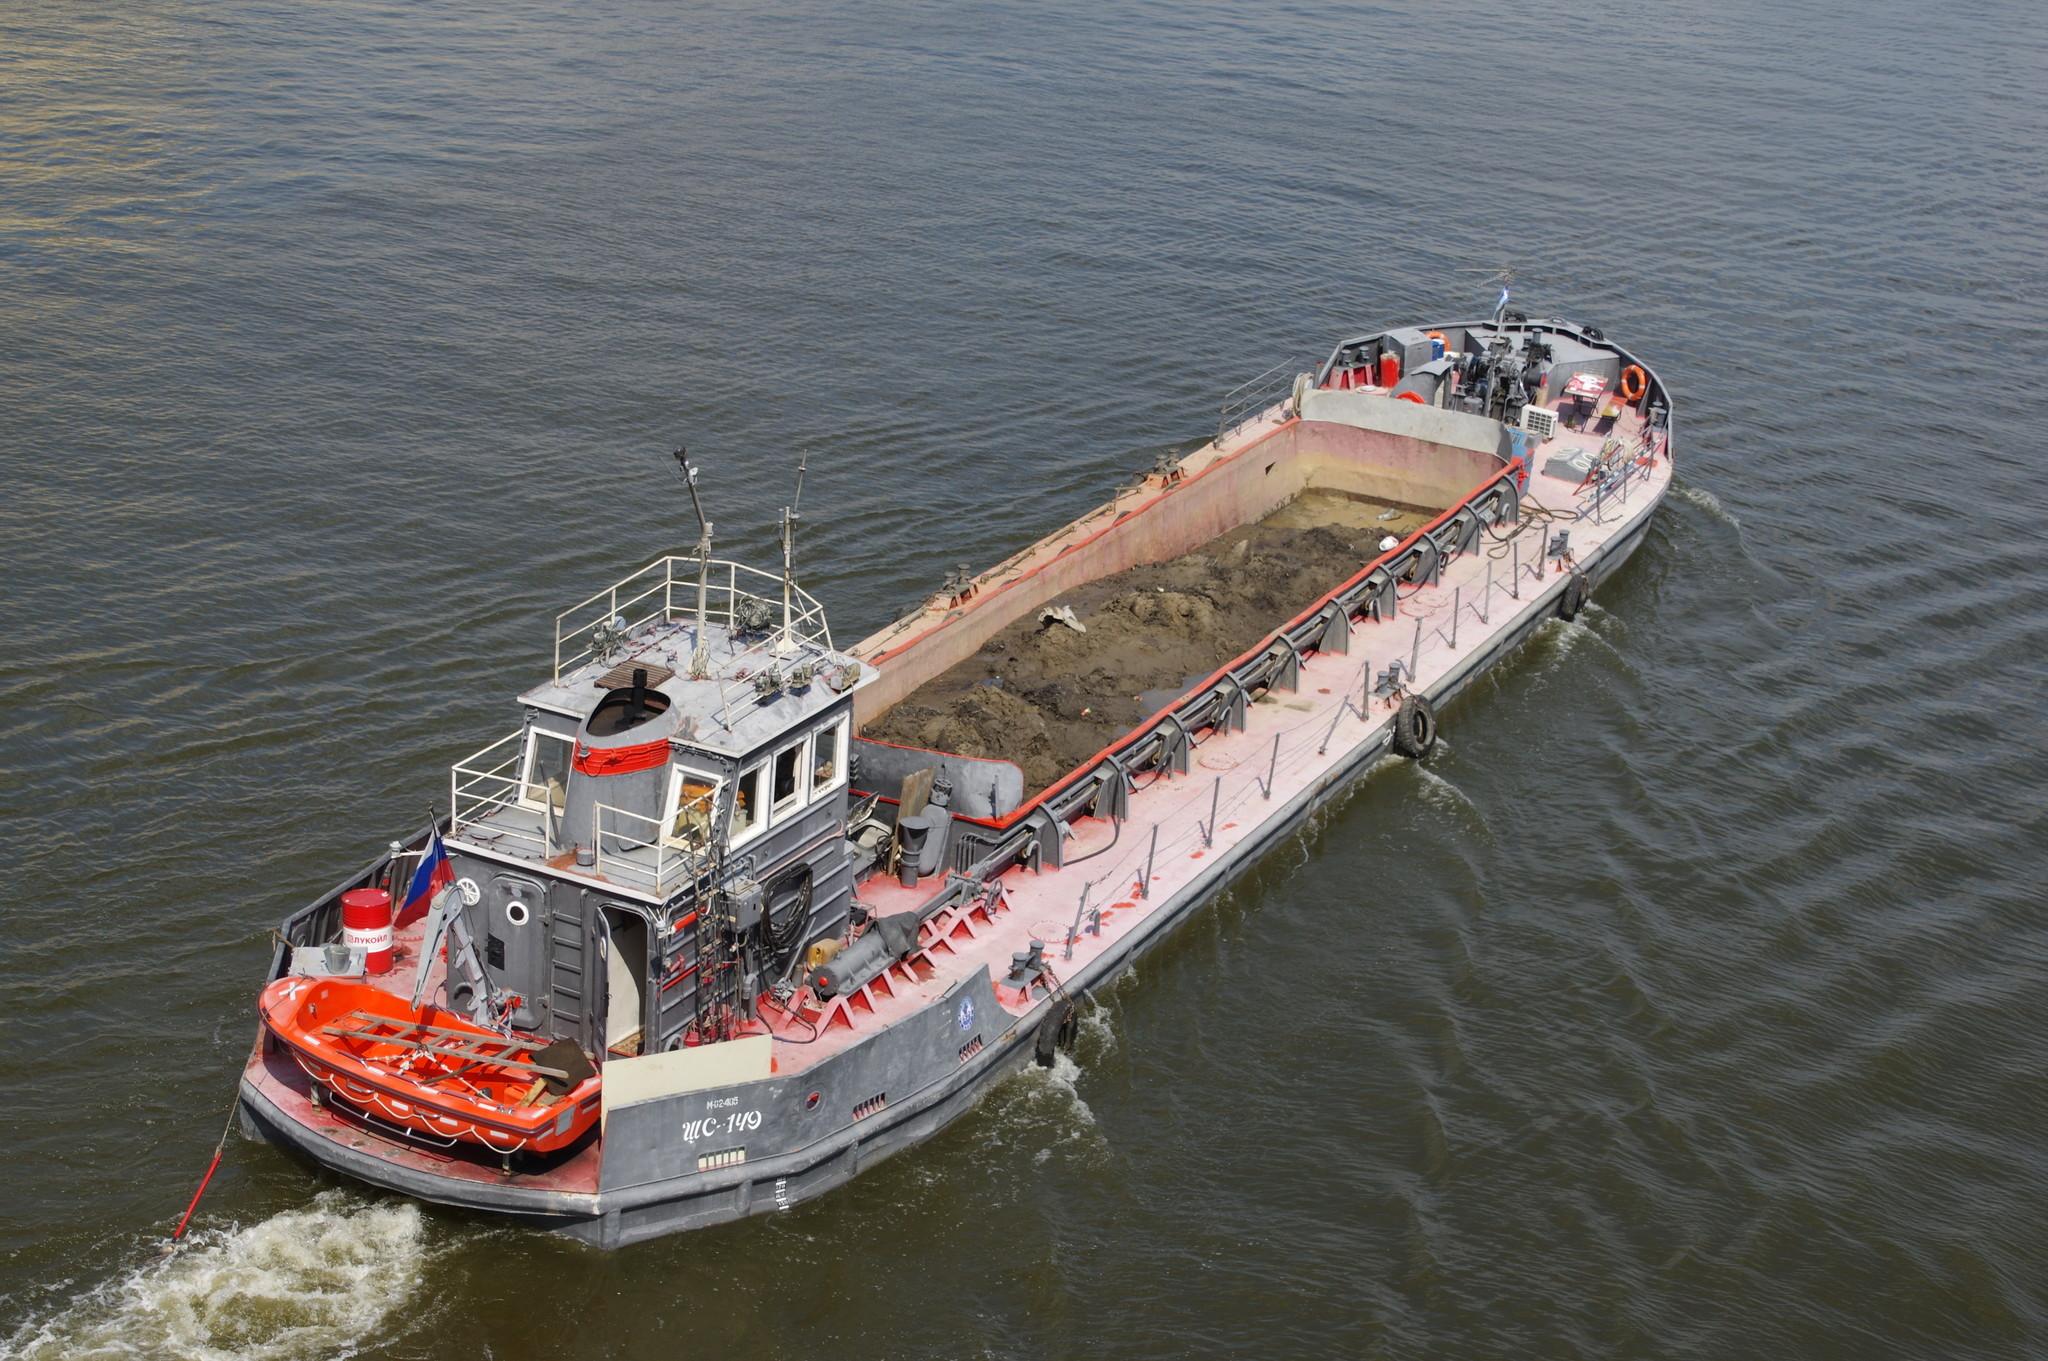 Судно ШС-149 (Проект 711Б) бортовой номер М-02-405